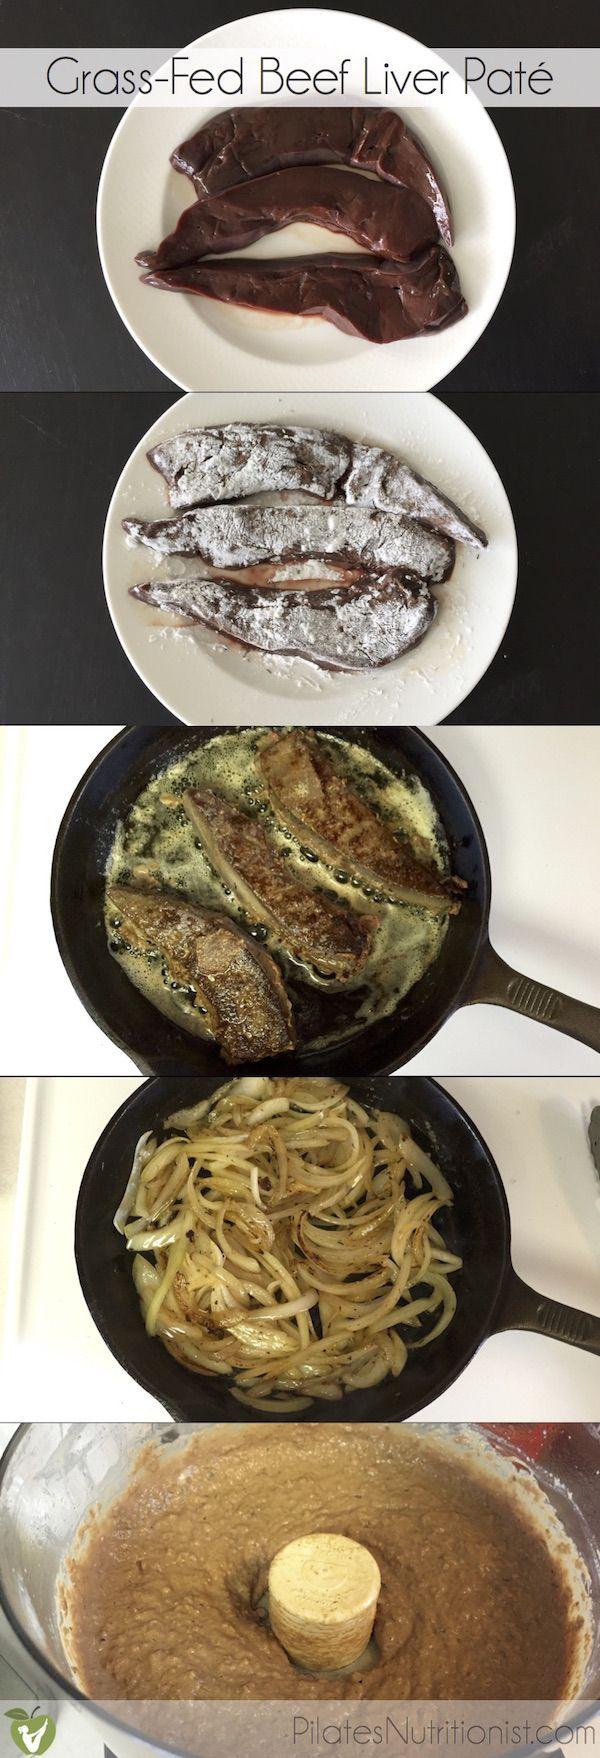 how to make grass fed liver pate